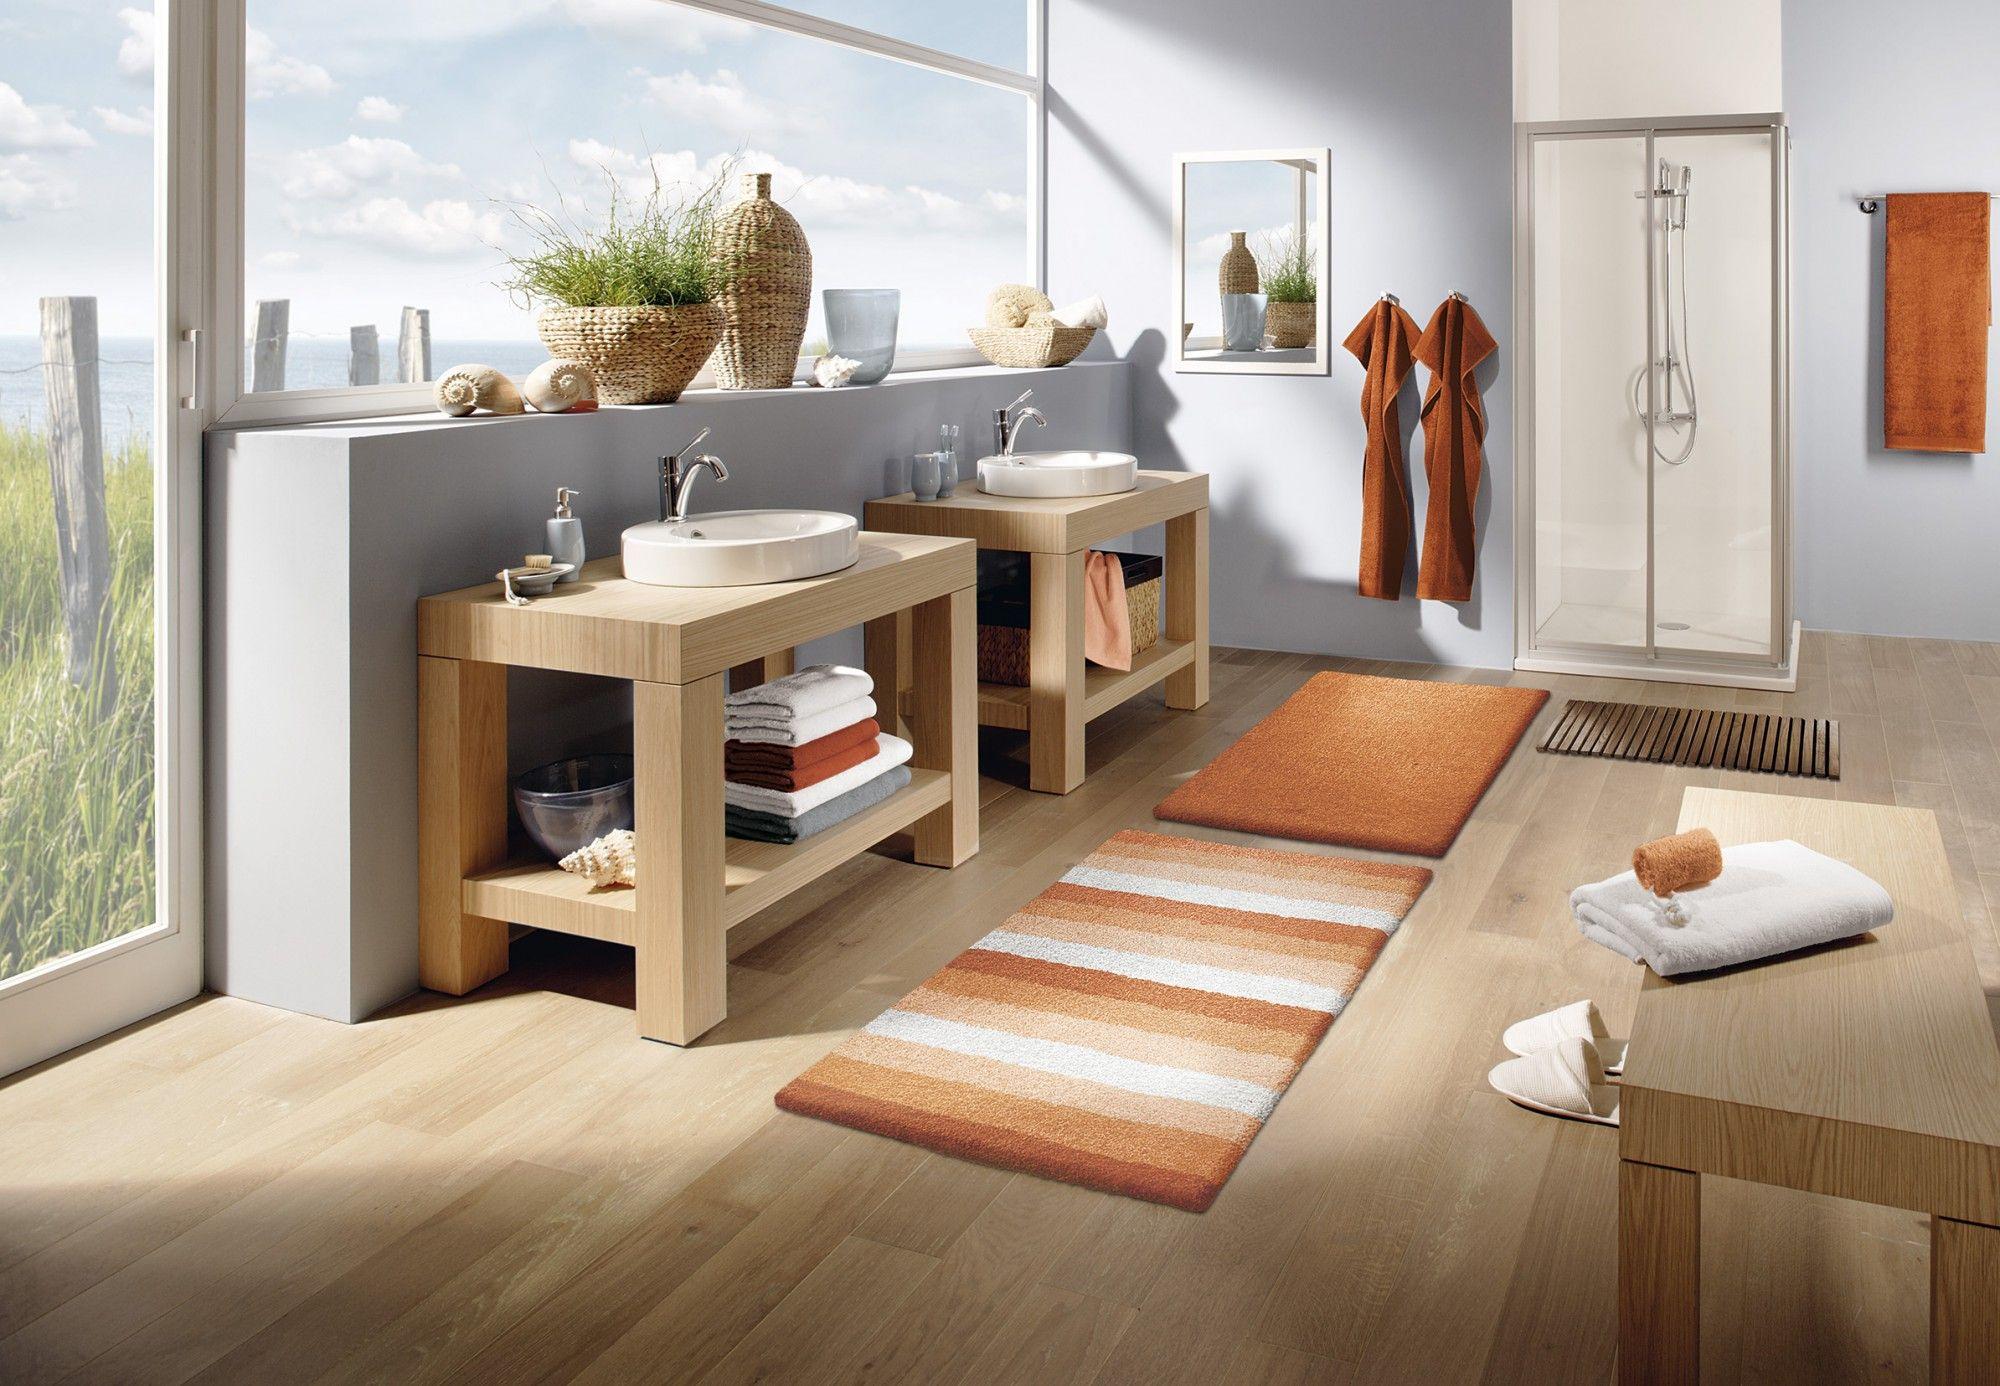 Kleine Wolke Badteppich Summer Baumwolle Home Home Decor House